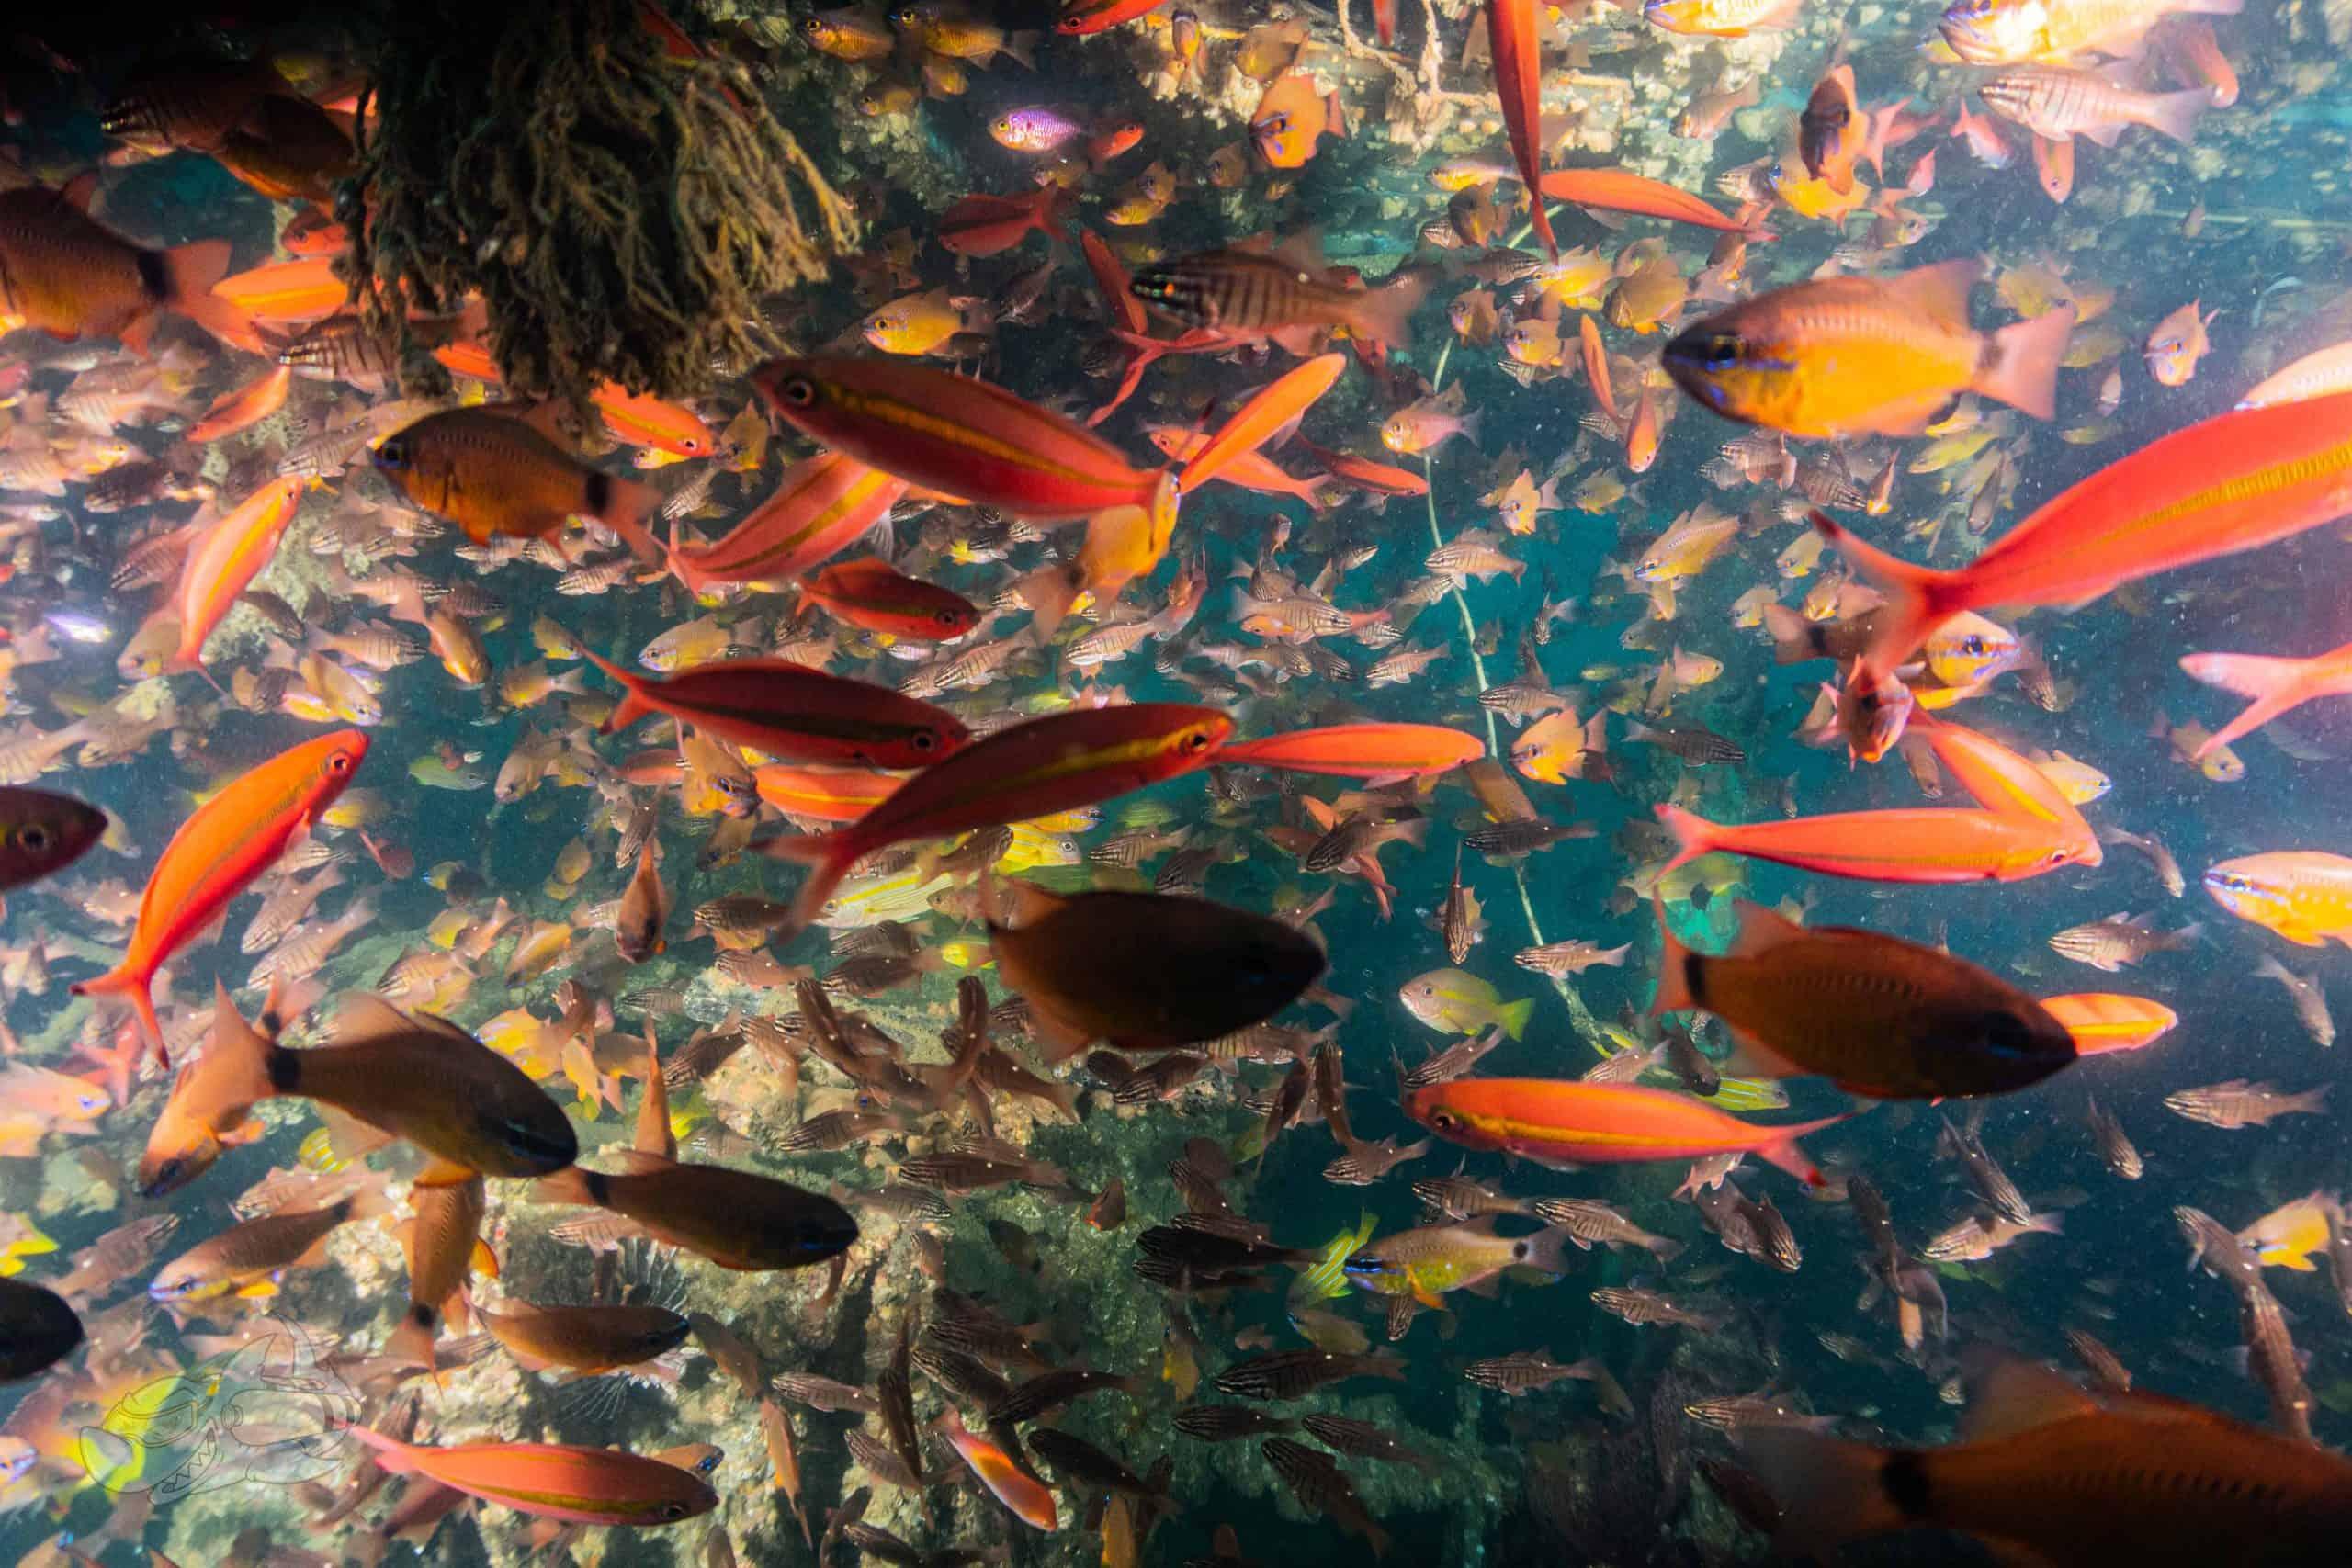 Rich marine life found in pondicherry